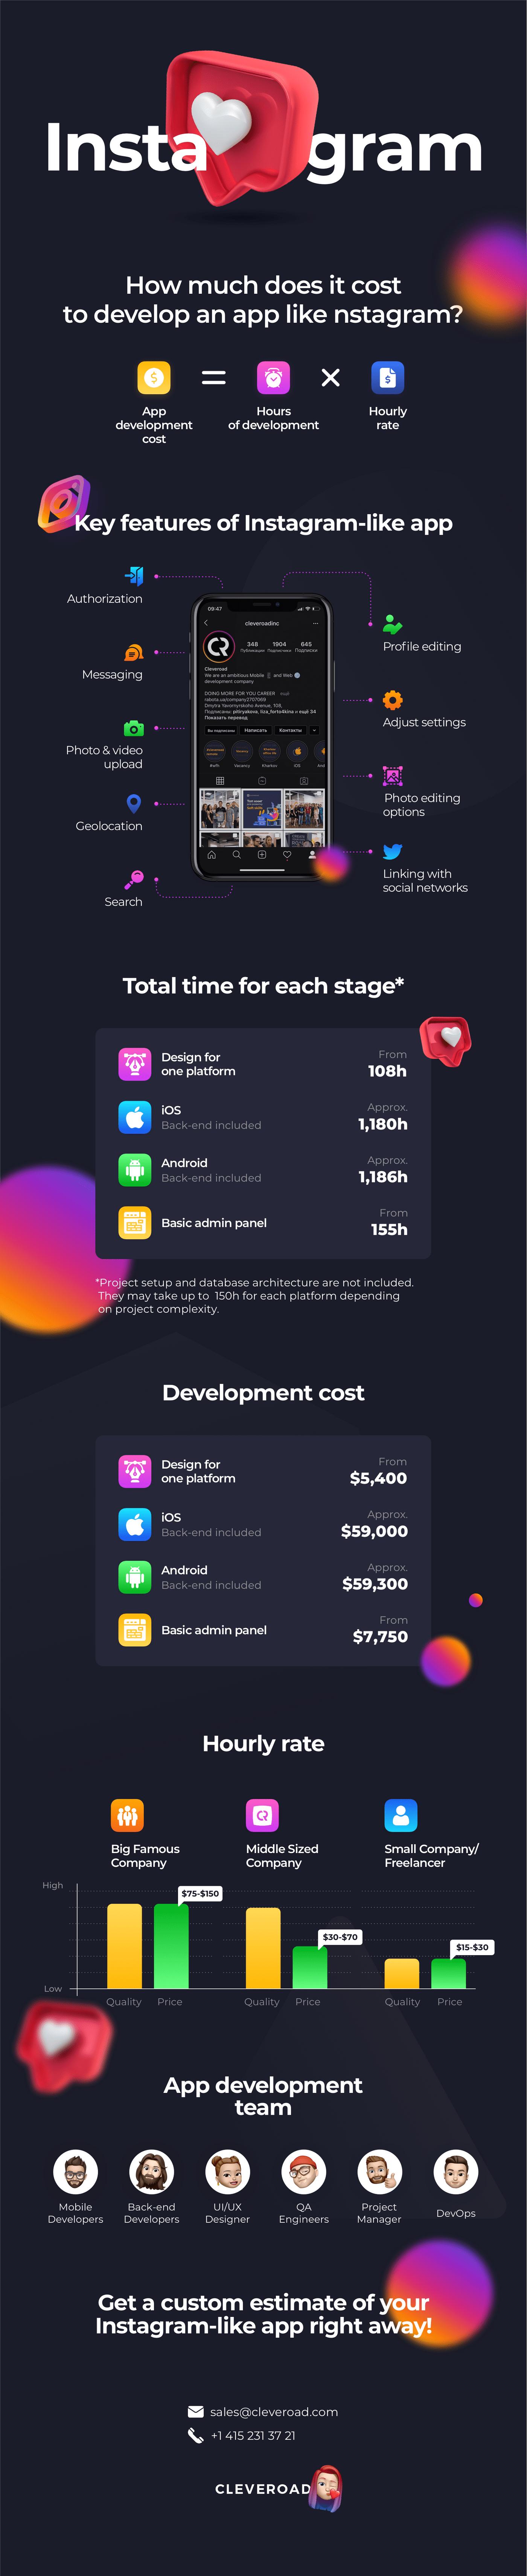 Instagram development cost